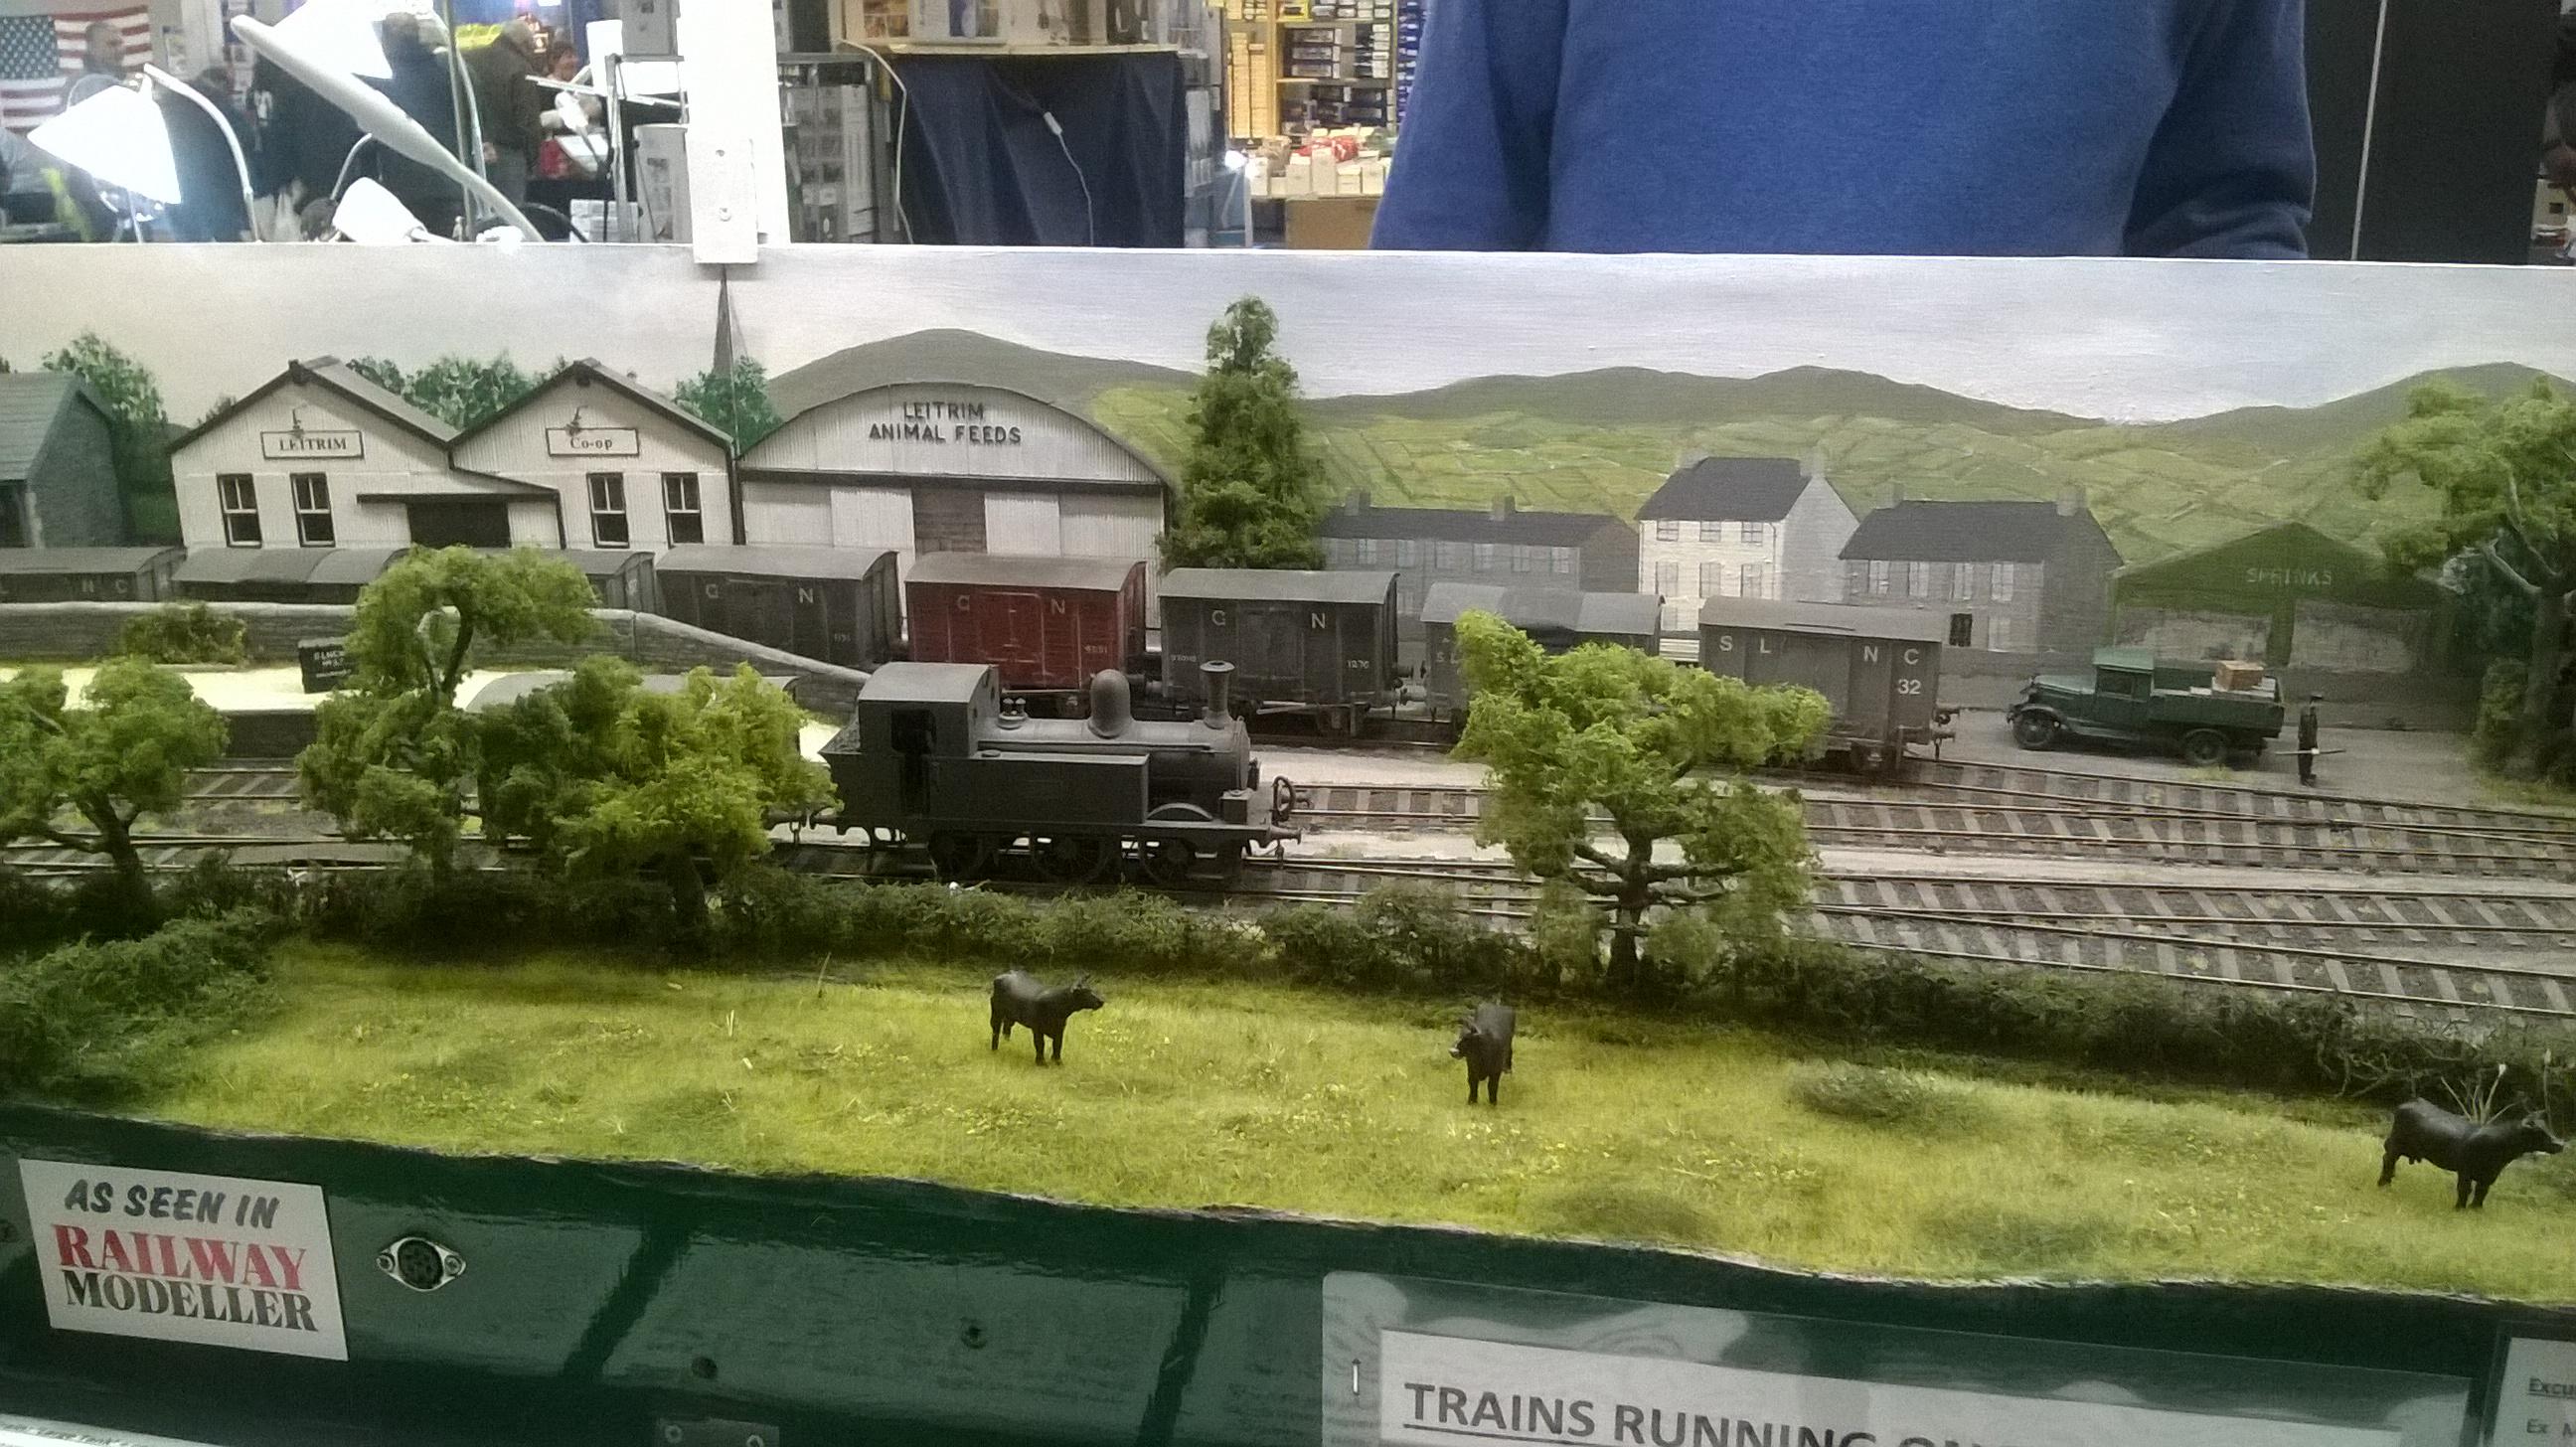 London Festival of Railway Modelling – 2016 – #3 | esngblog